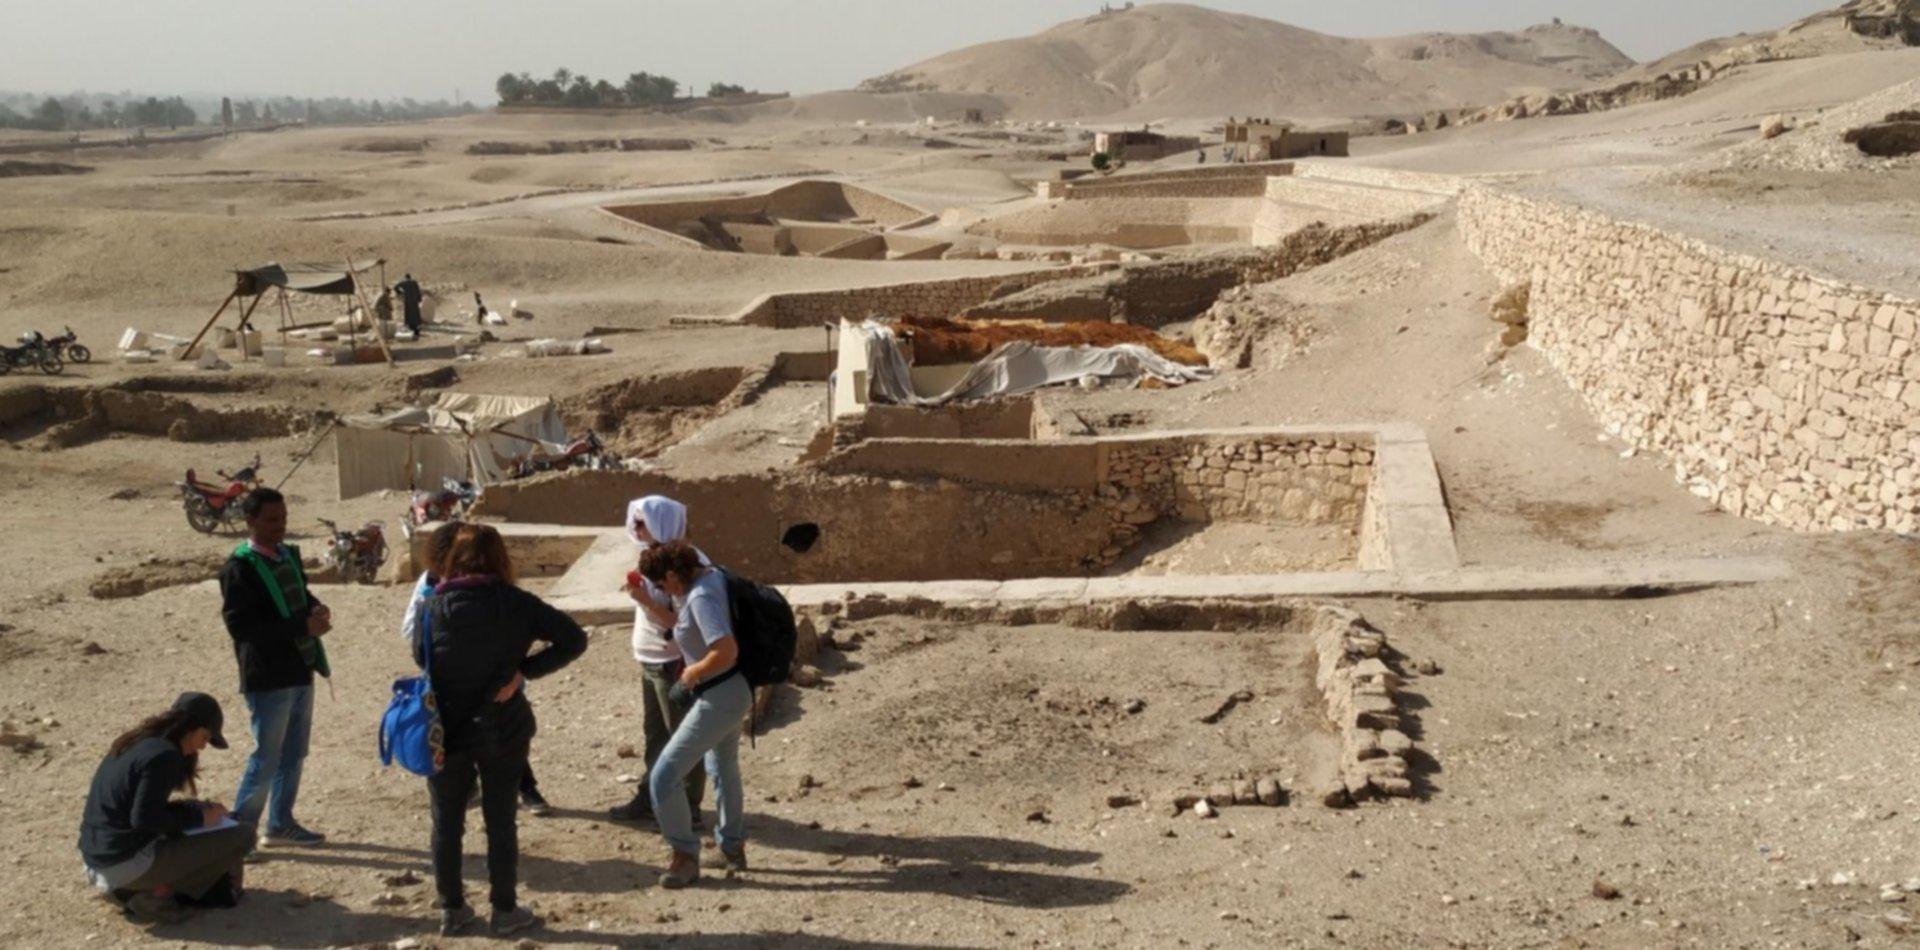 Gracias a los platenses, expertos de la UNLP revelarán los secretos de una tumba milenaria en Egipto